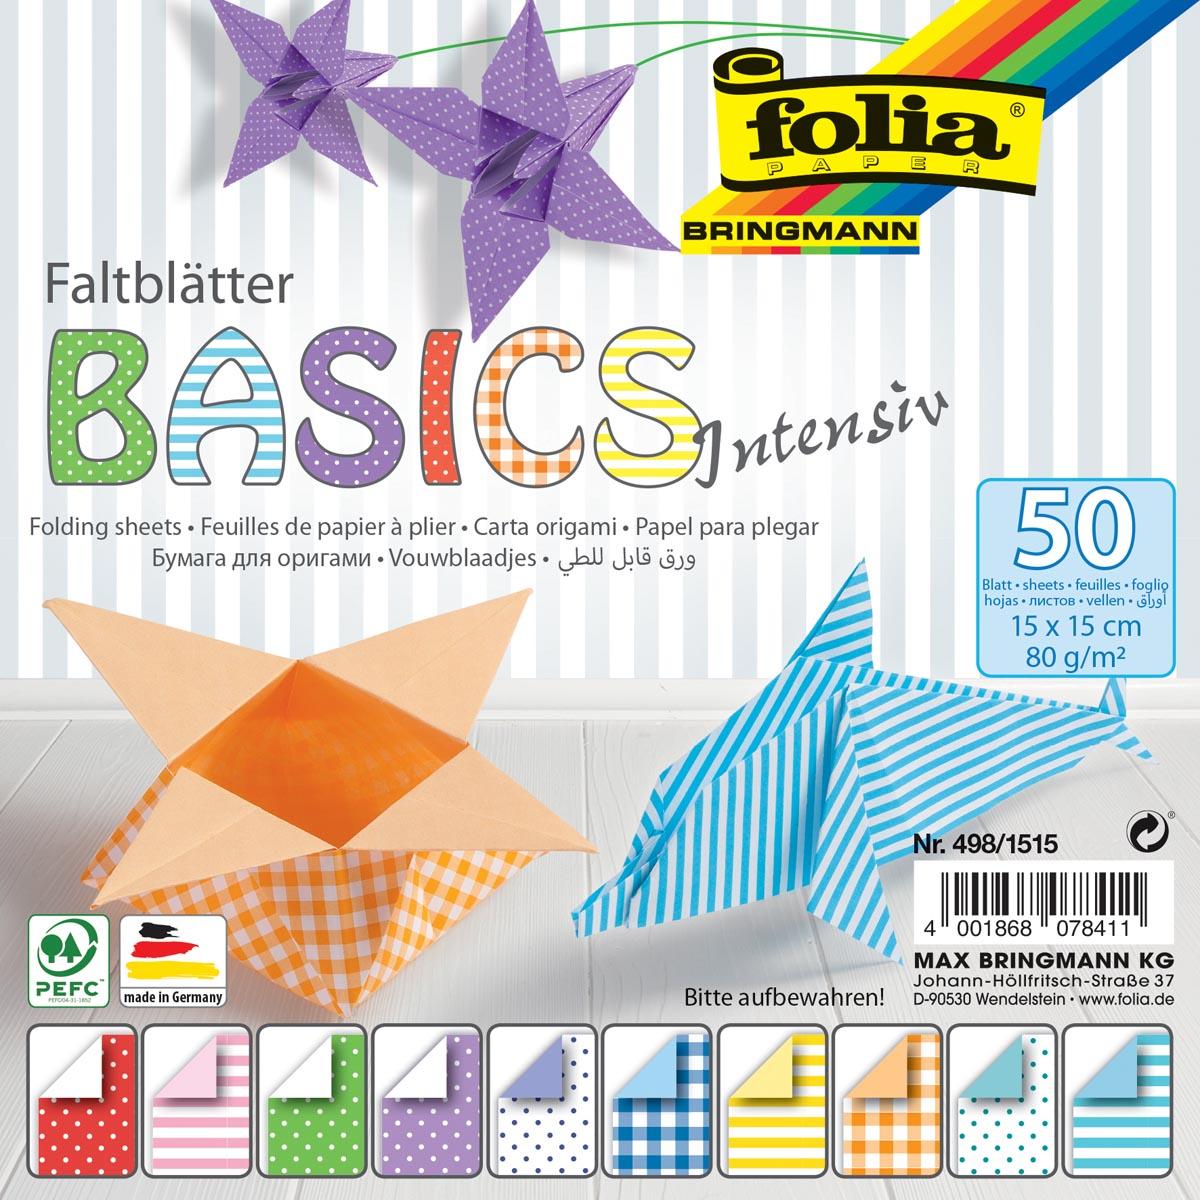 Folia vouwpapier Basic Intensive ft 15 x 15 cm, pak met 50 vel